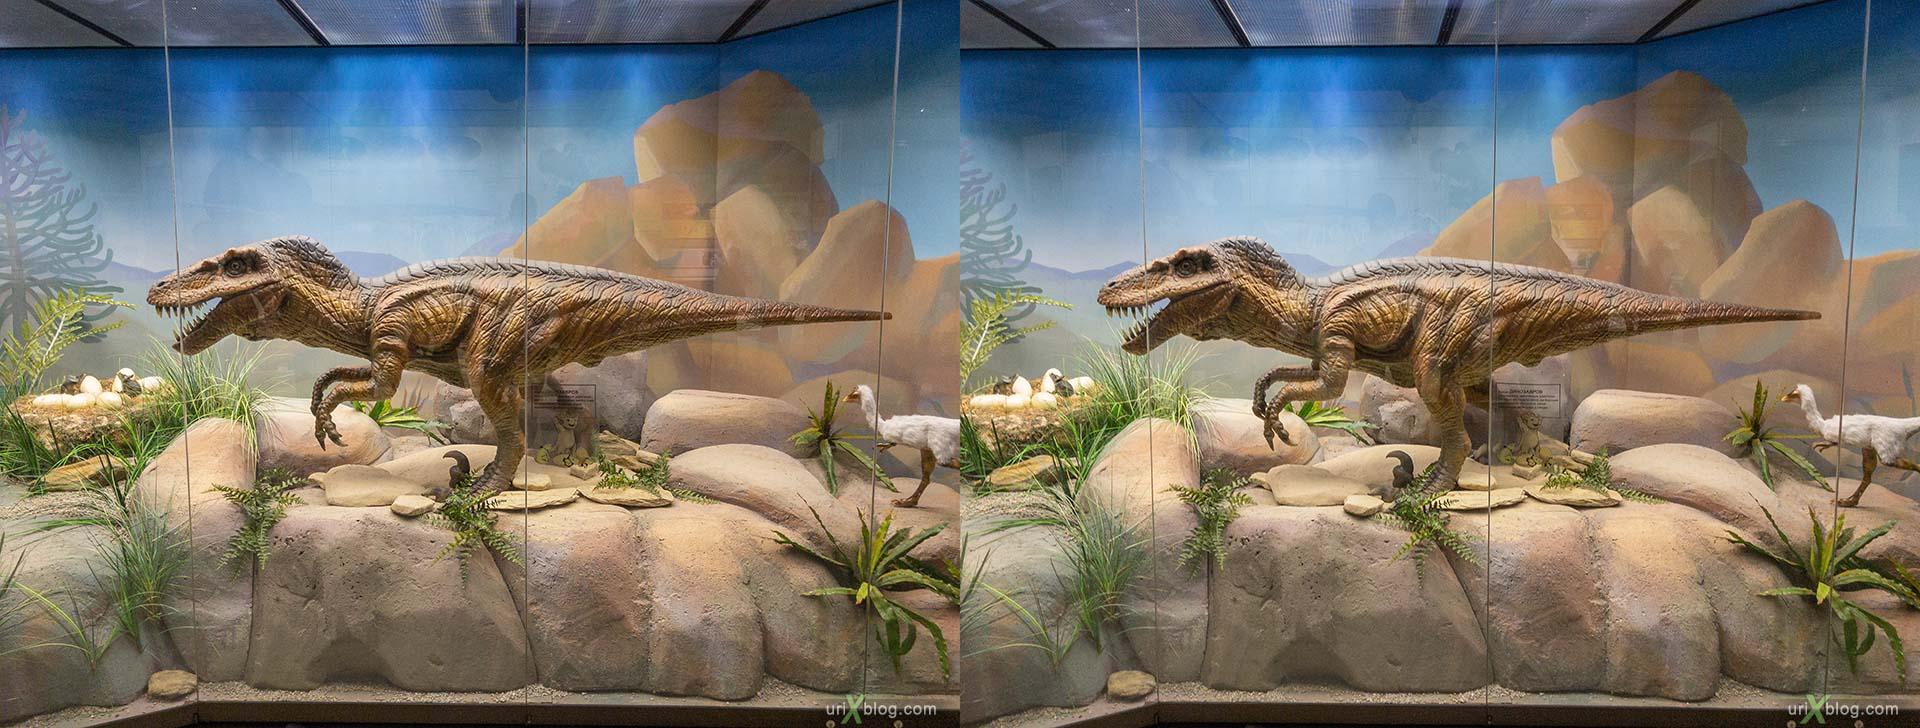 Дарвиновский музей, динозавр, зима, снег, Москва, Россия, 3D, перекрёстная стереопара, стерео, стереопара